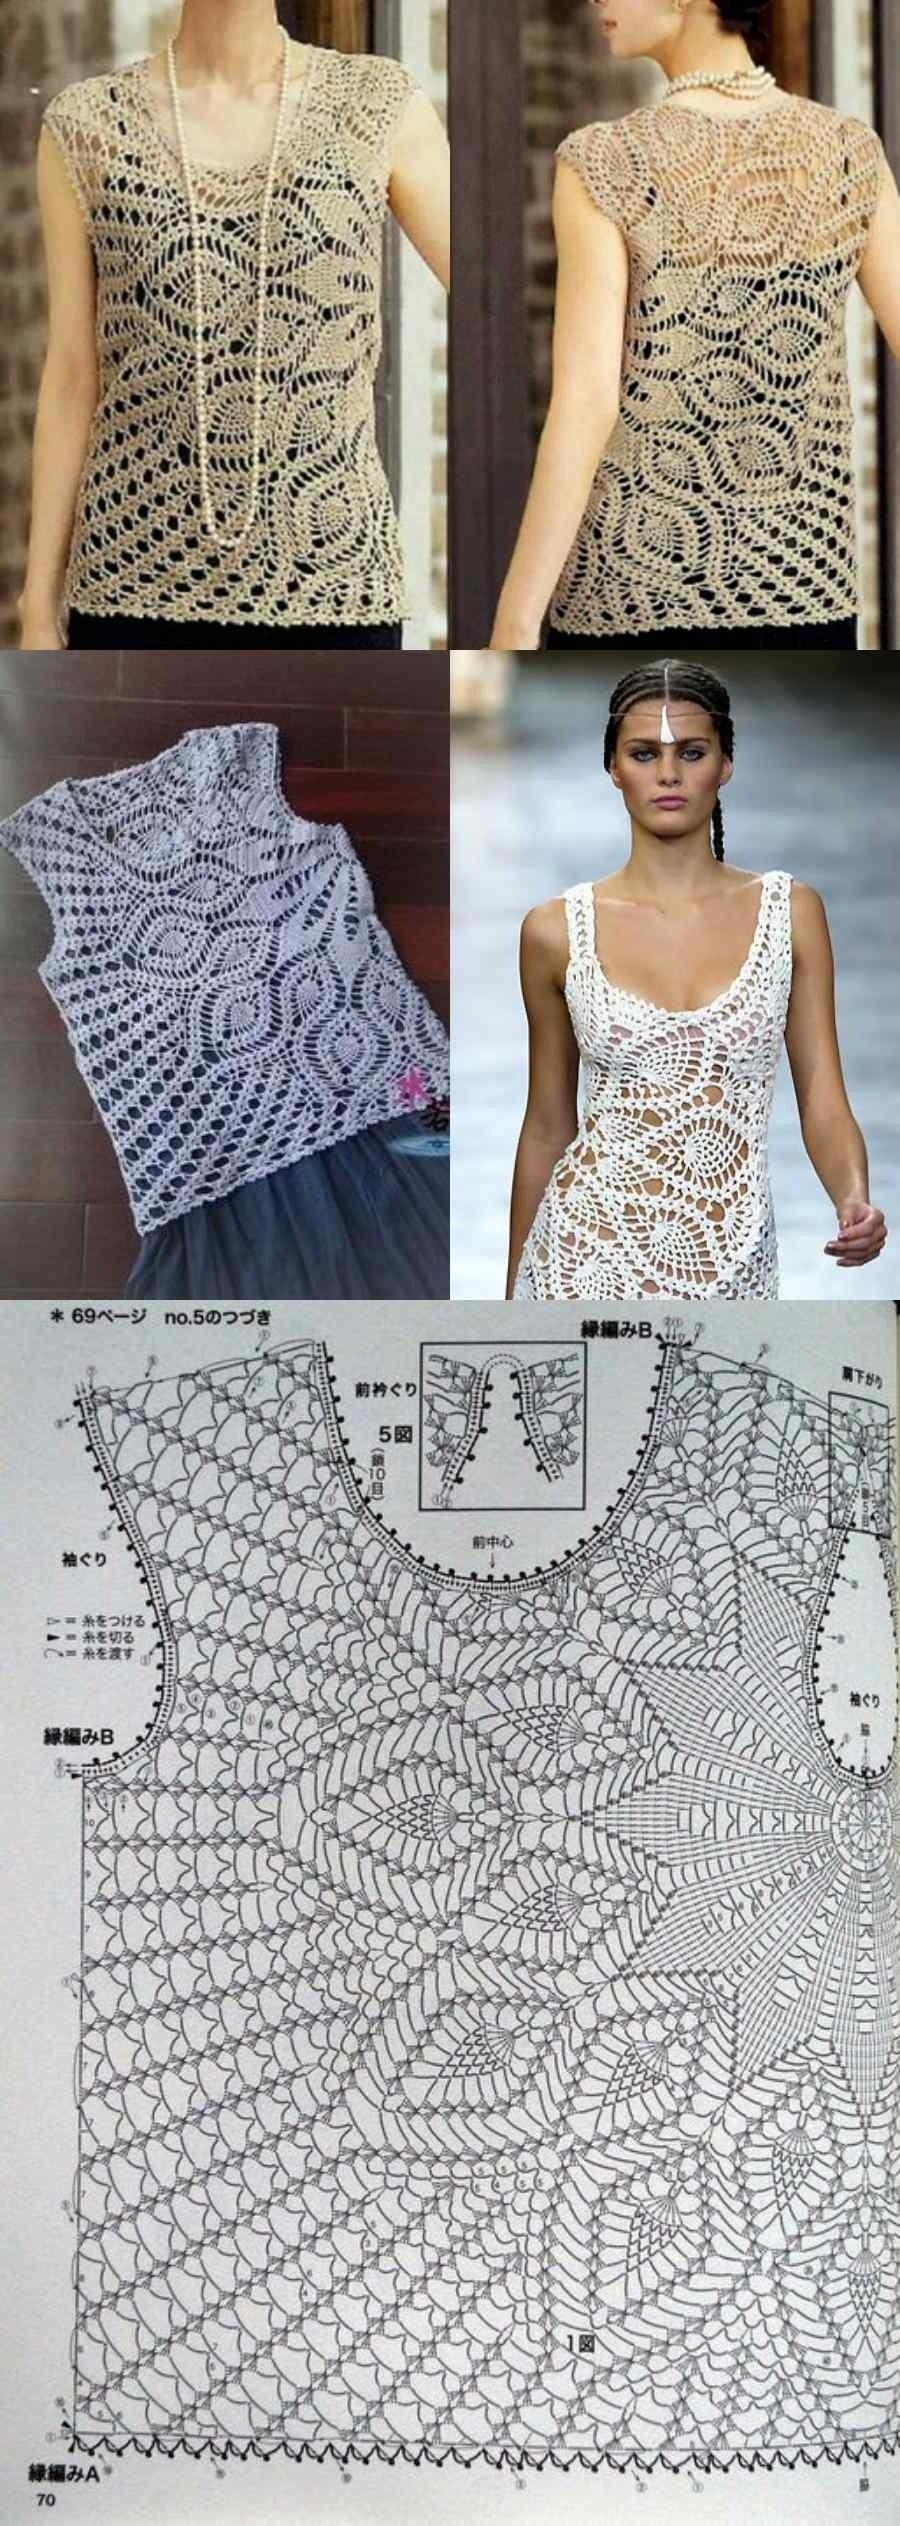 Blusa com gráfico de ponto abacaxi em crochê